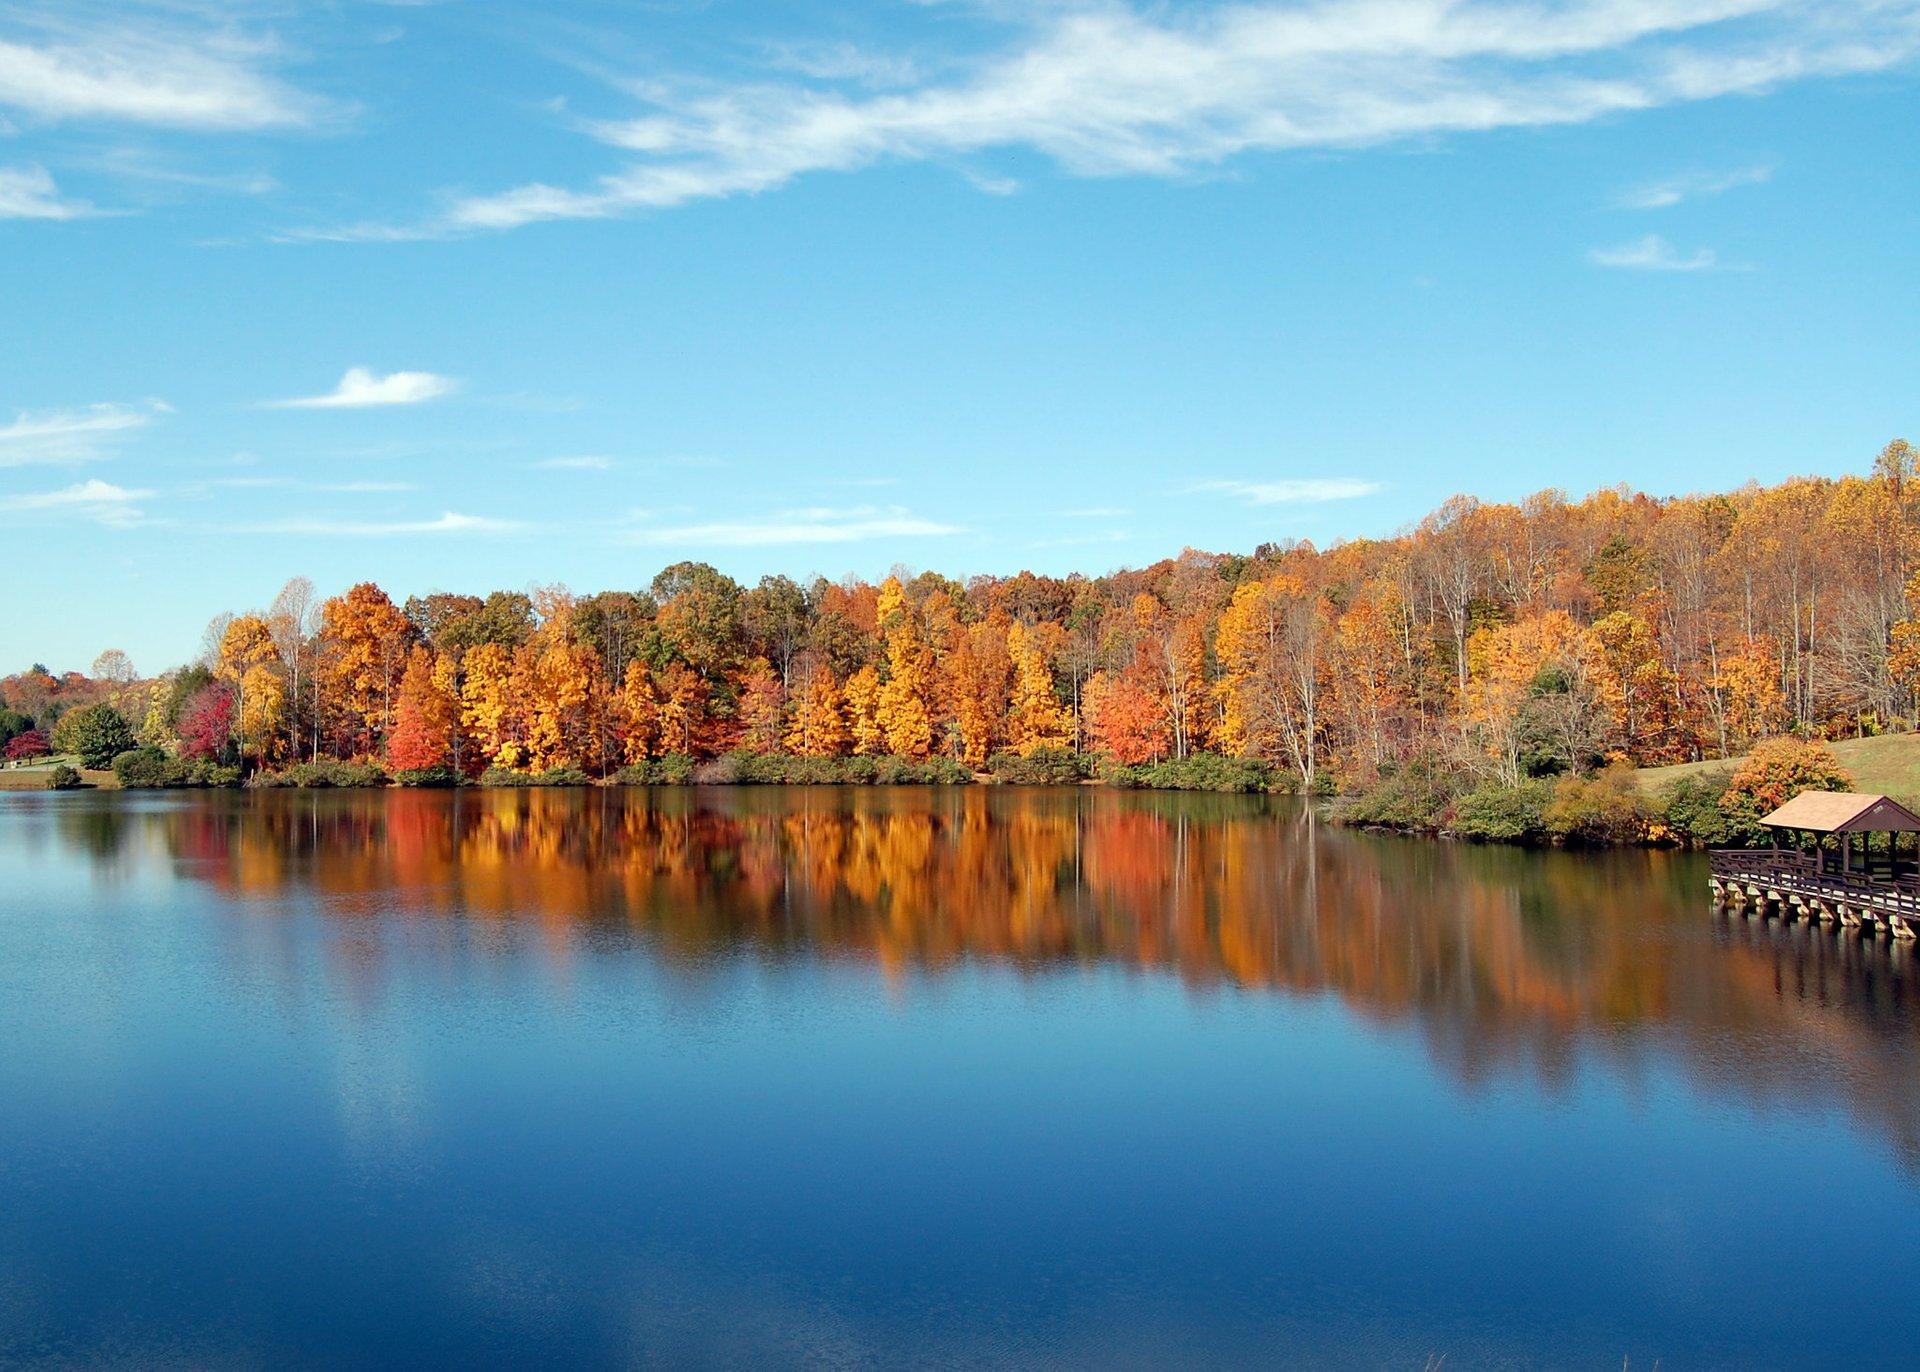 Chris Greene Lake Park 2020